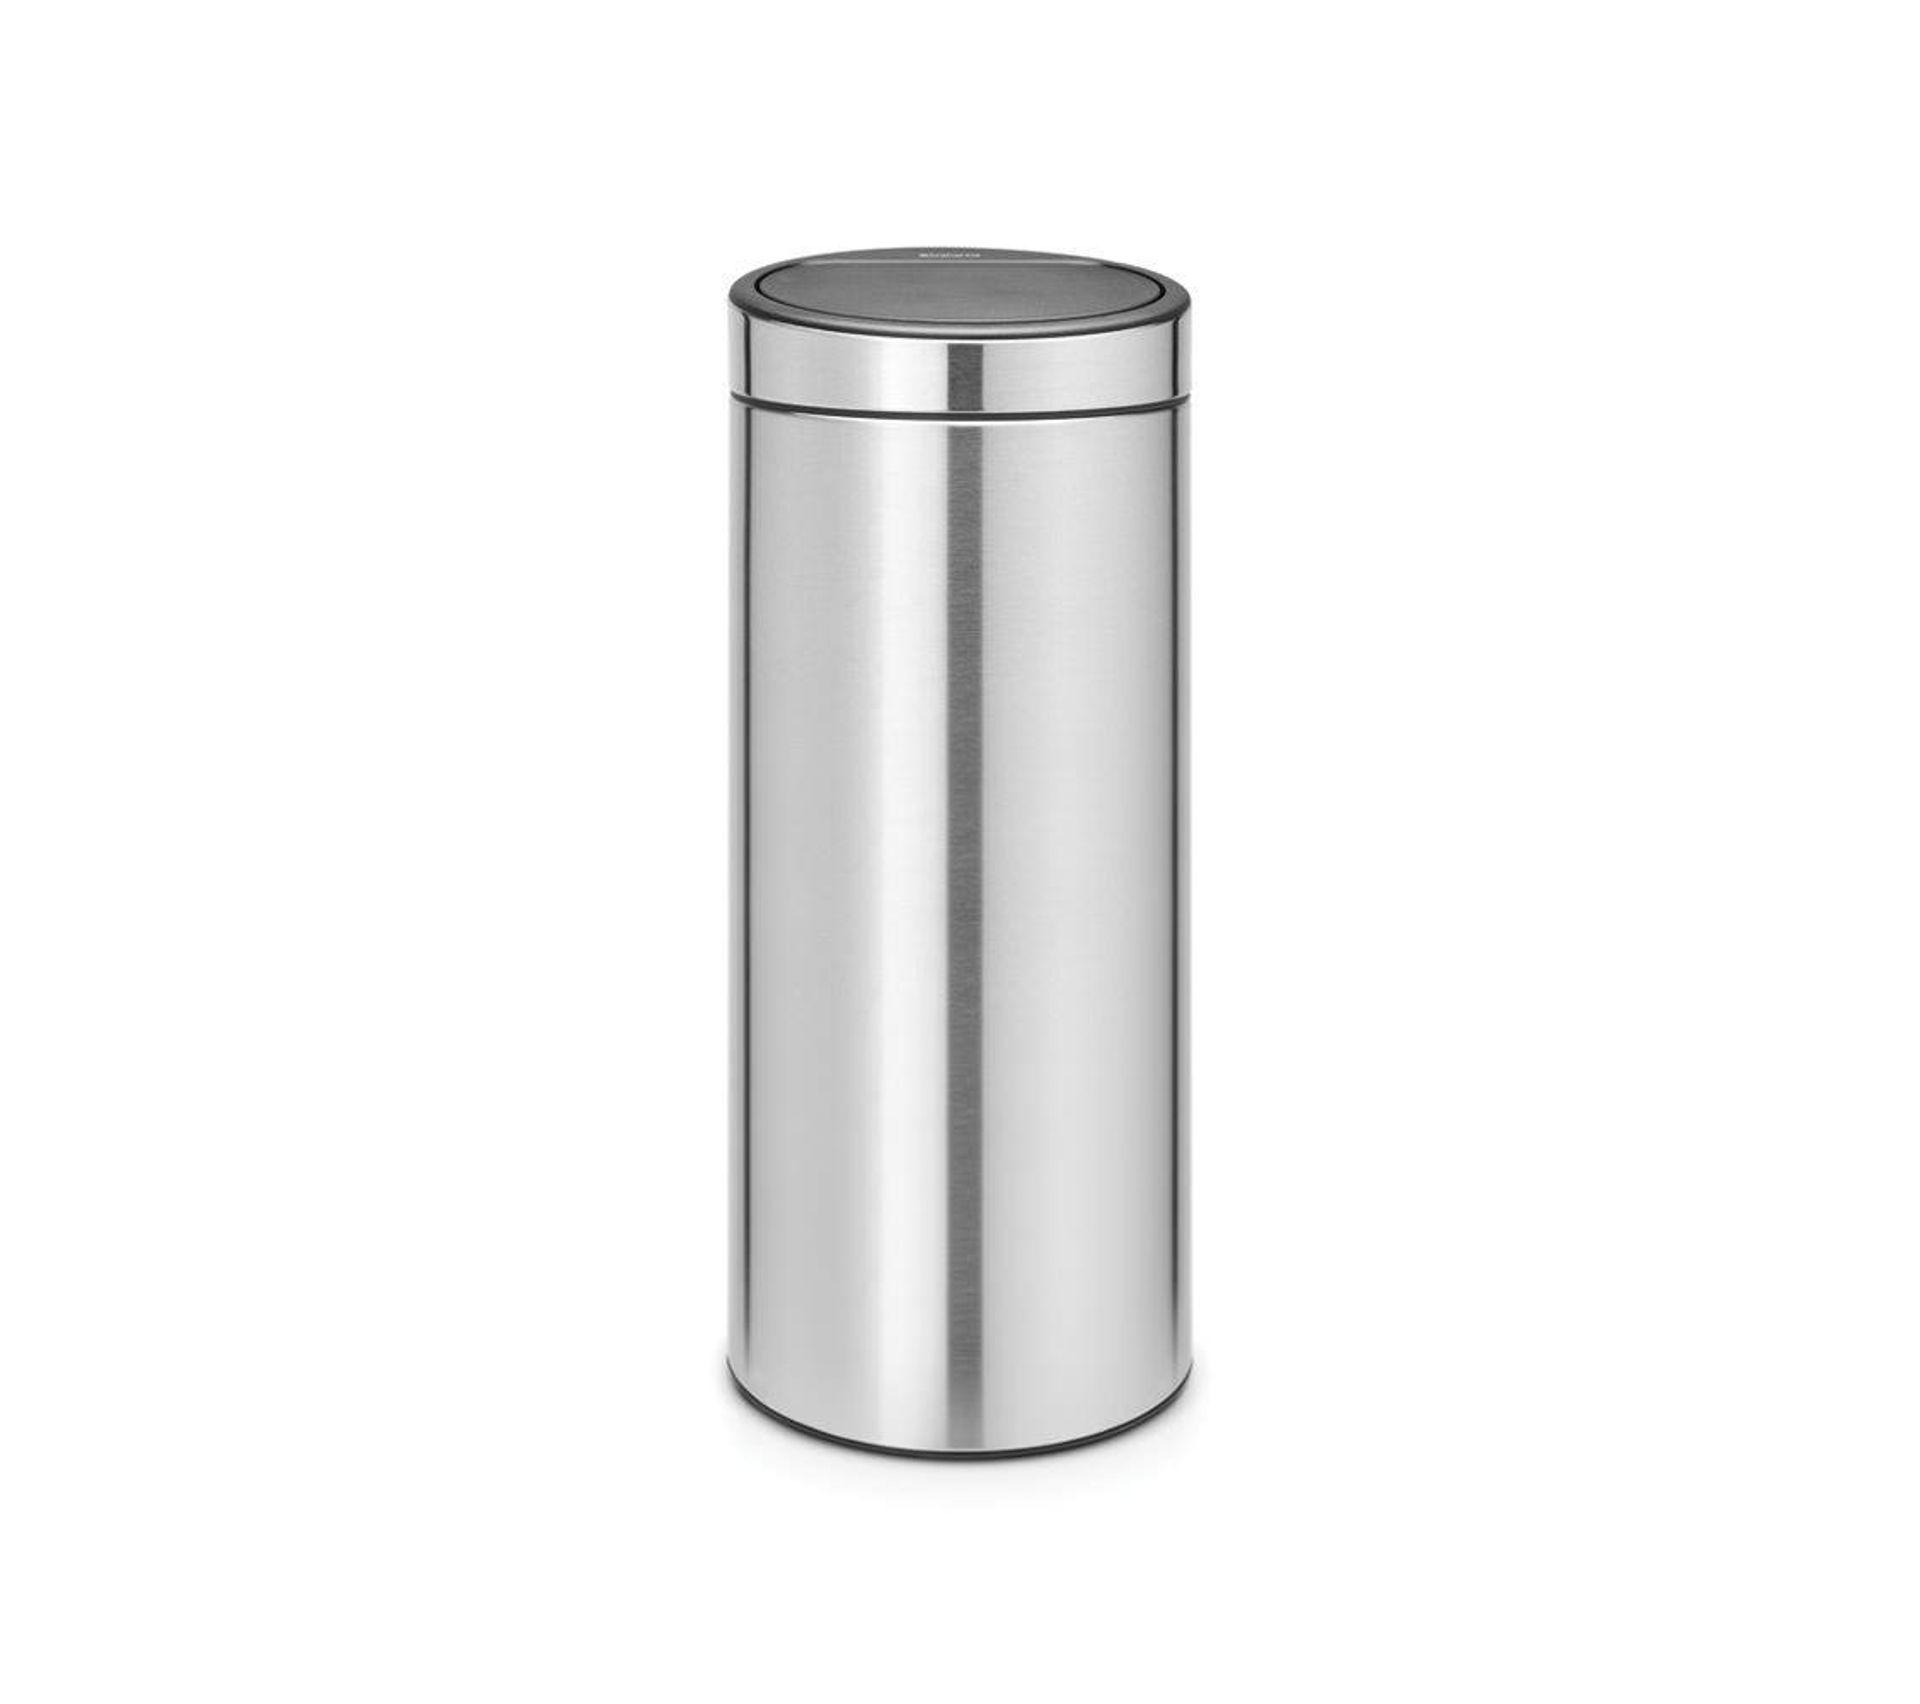 Poubelle Touch Bin Matt Steel Anti Traces De Doigts 30 Litres